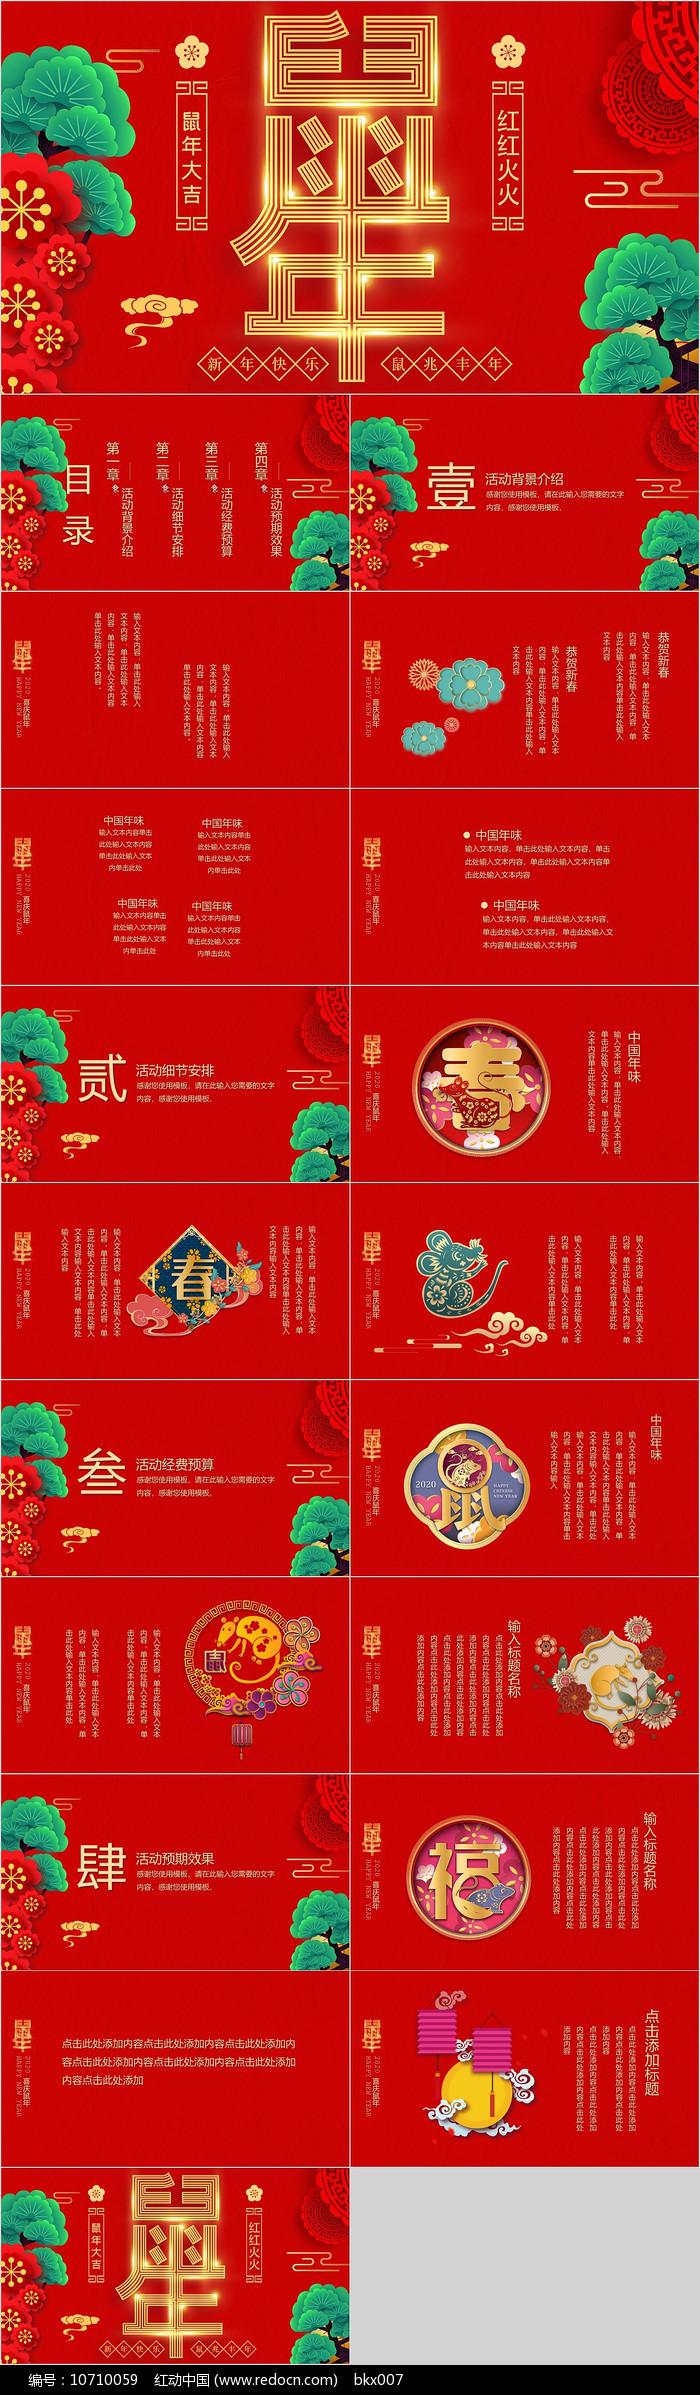 红色鼠年大吉活动策划PPT模板图片